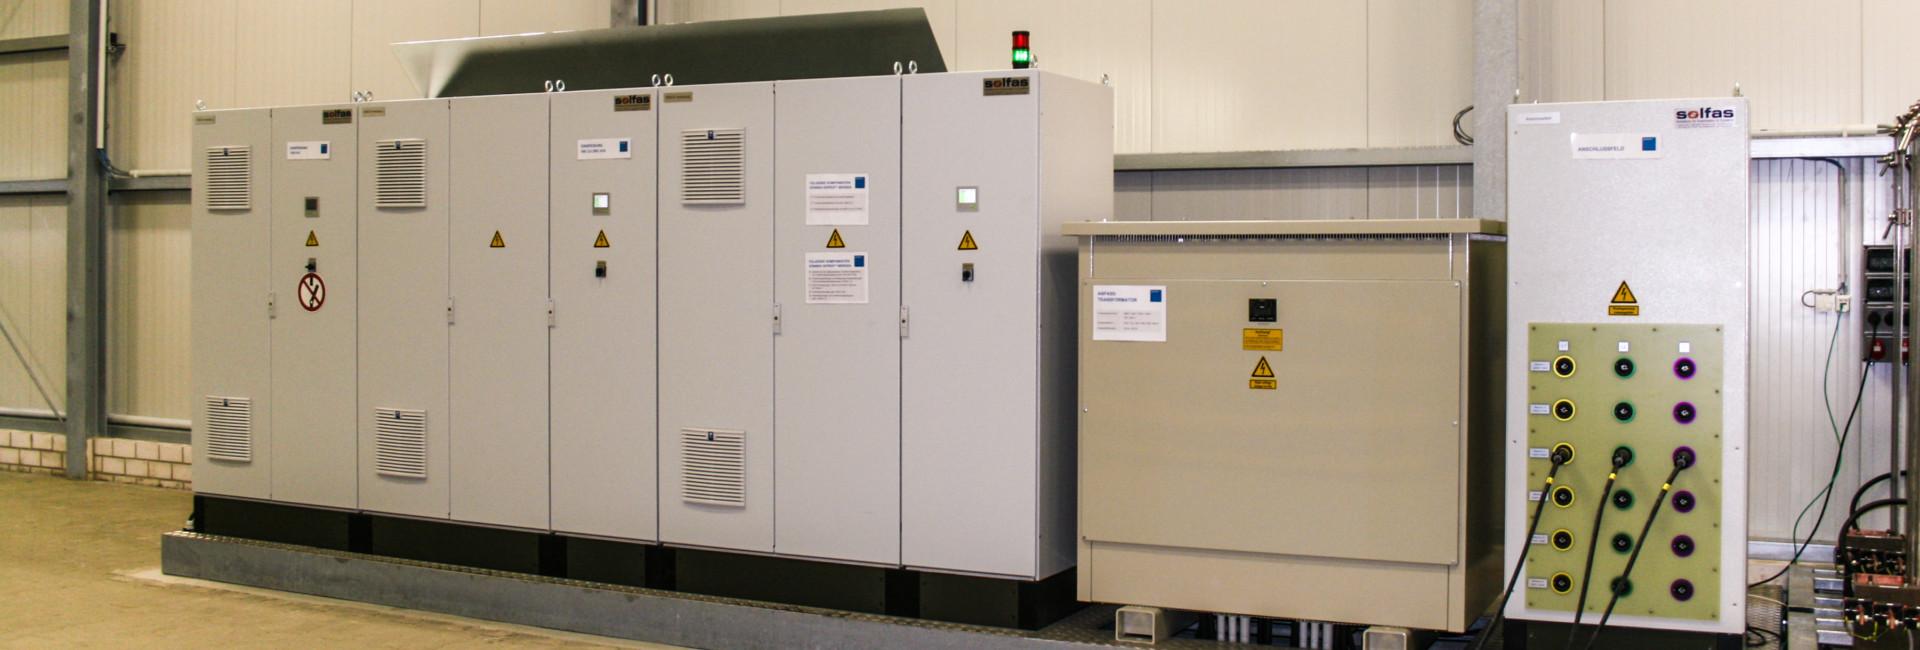 Medium Voltage Tester : Medium voltage transformer substation testing solfas